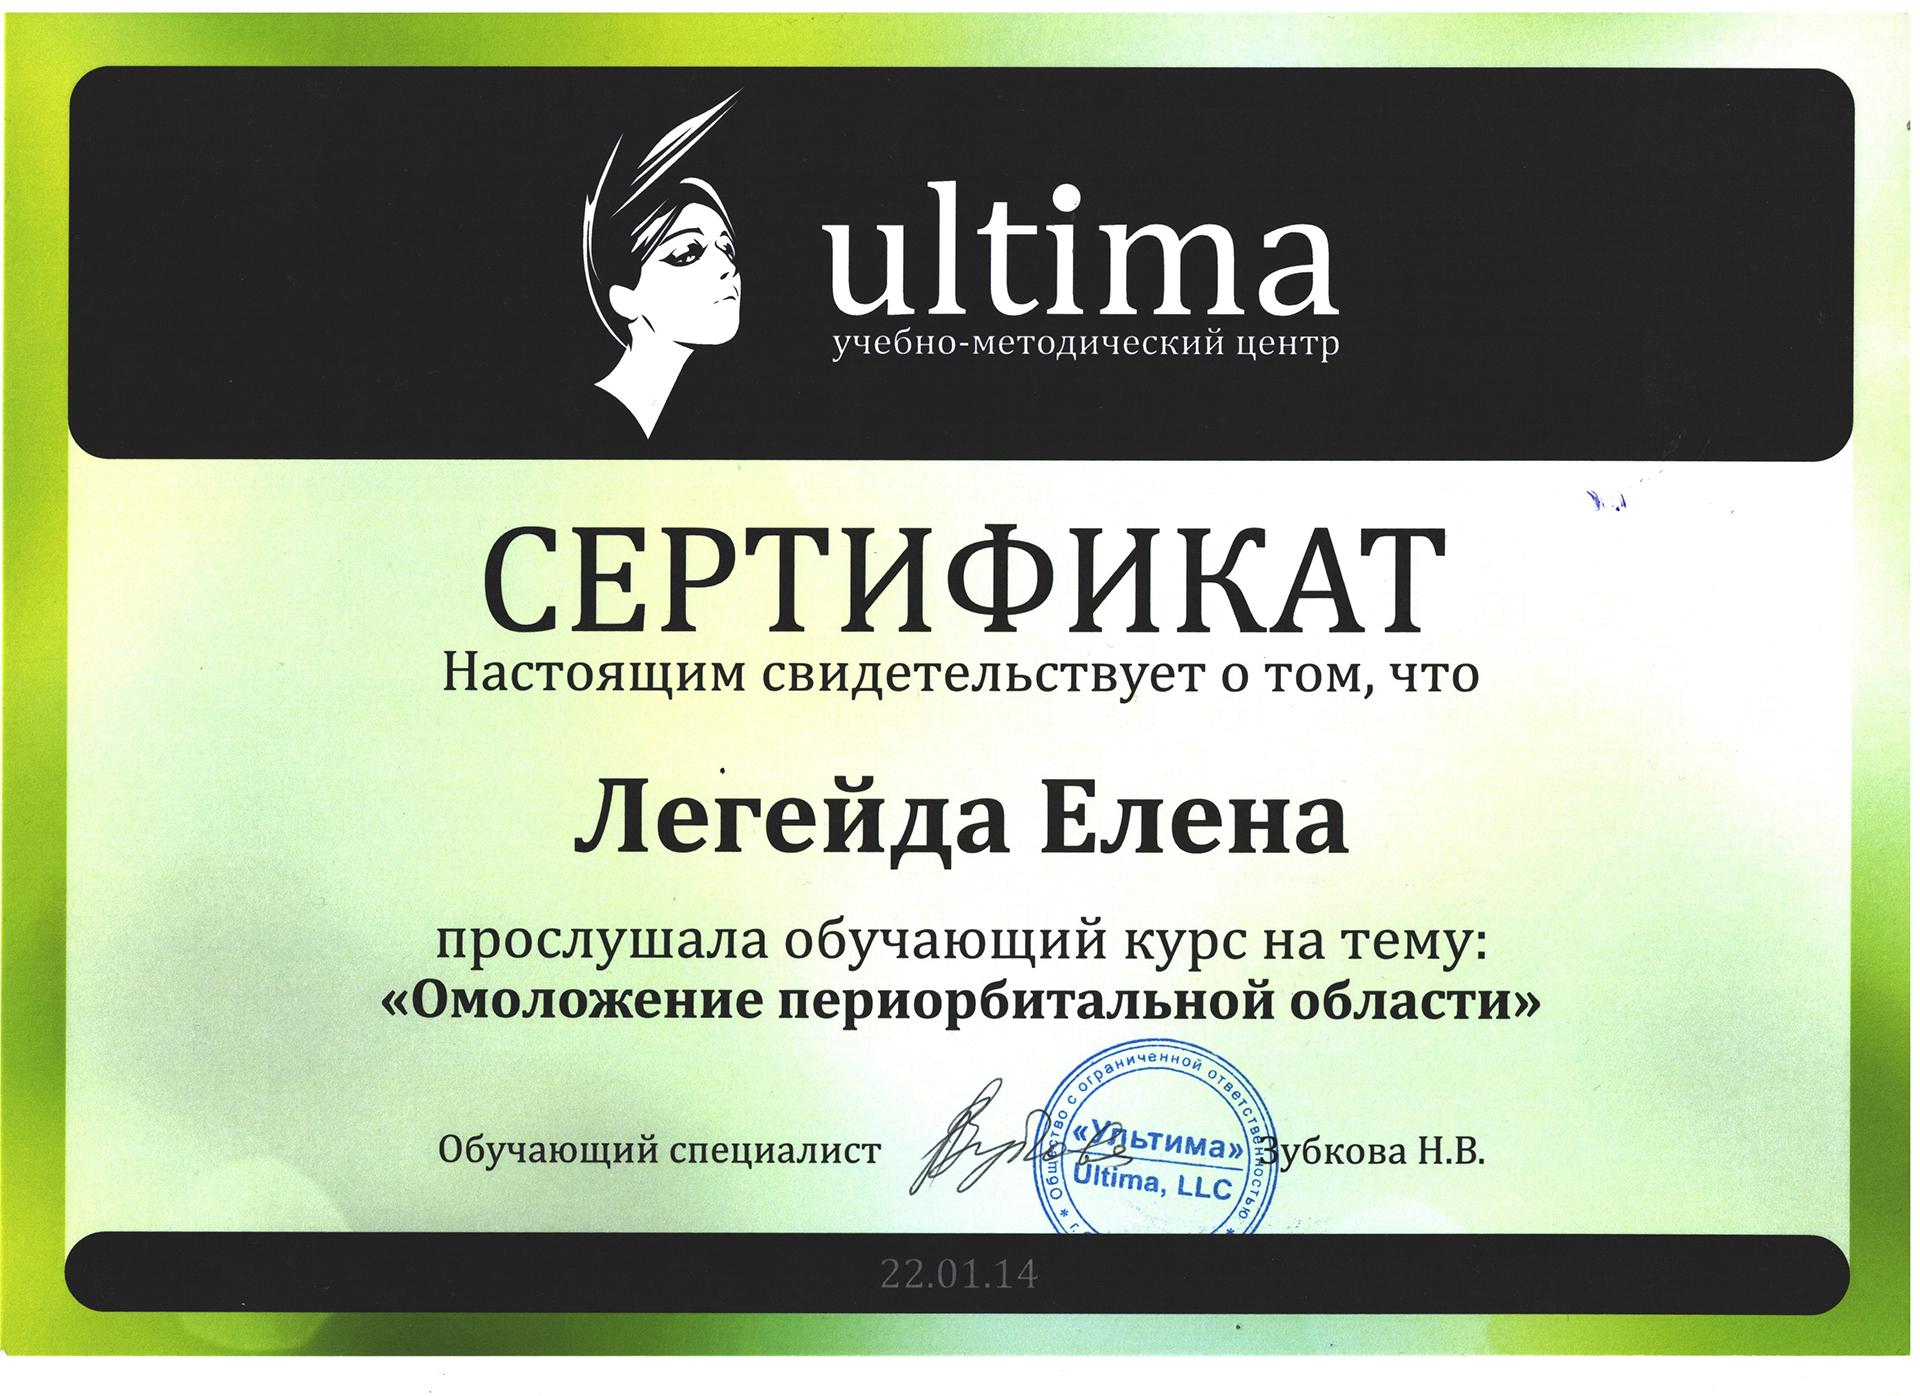 Сертификат — Омоложение периорбитальной области. Легейда Елена Валерьевна